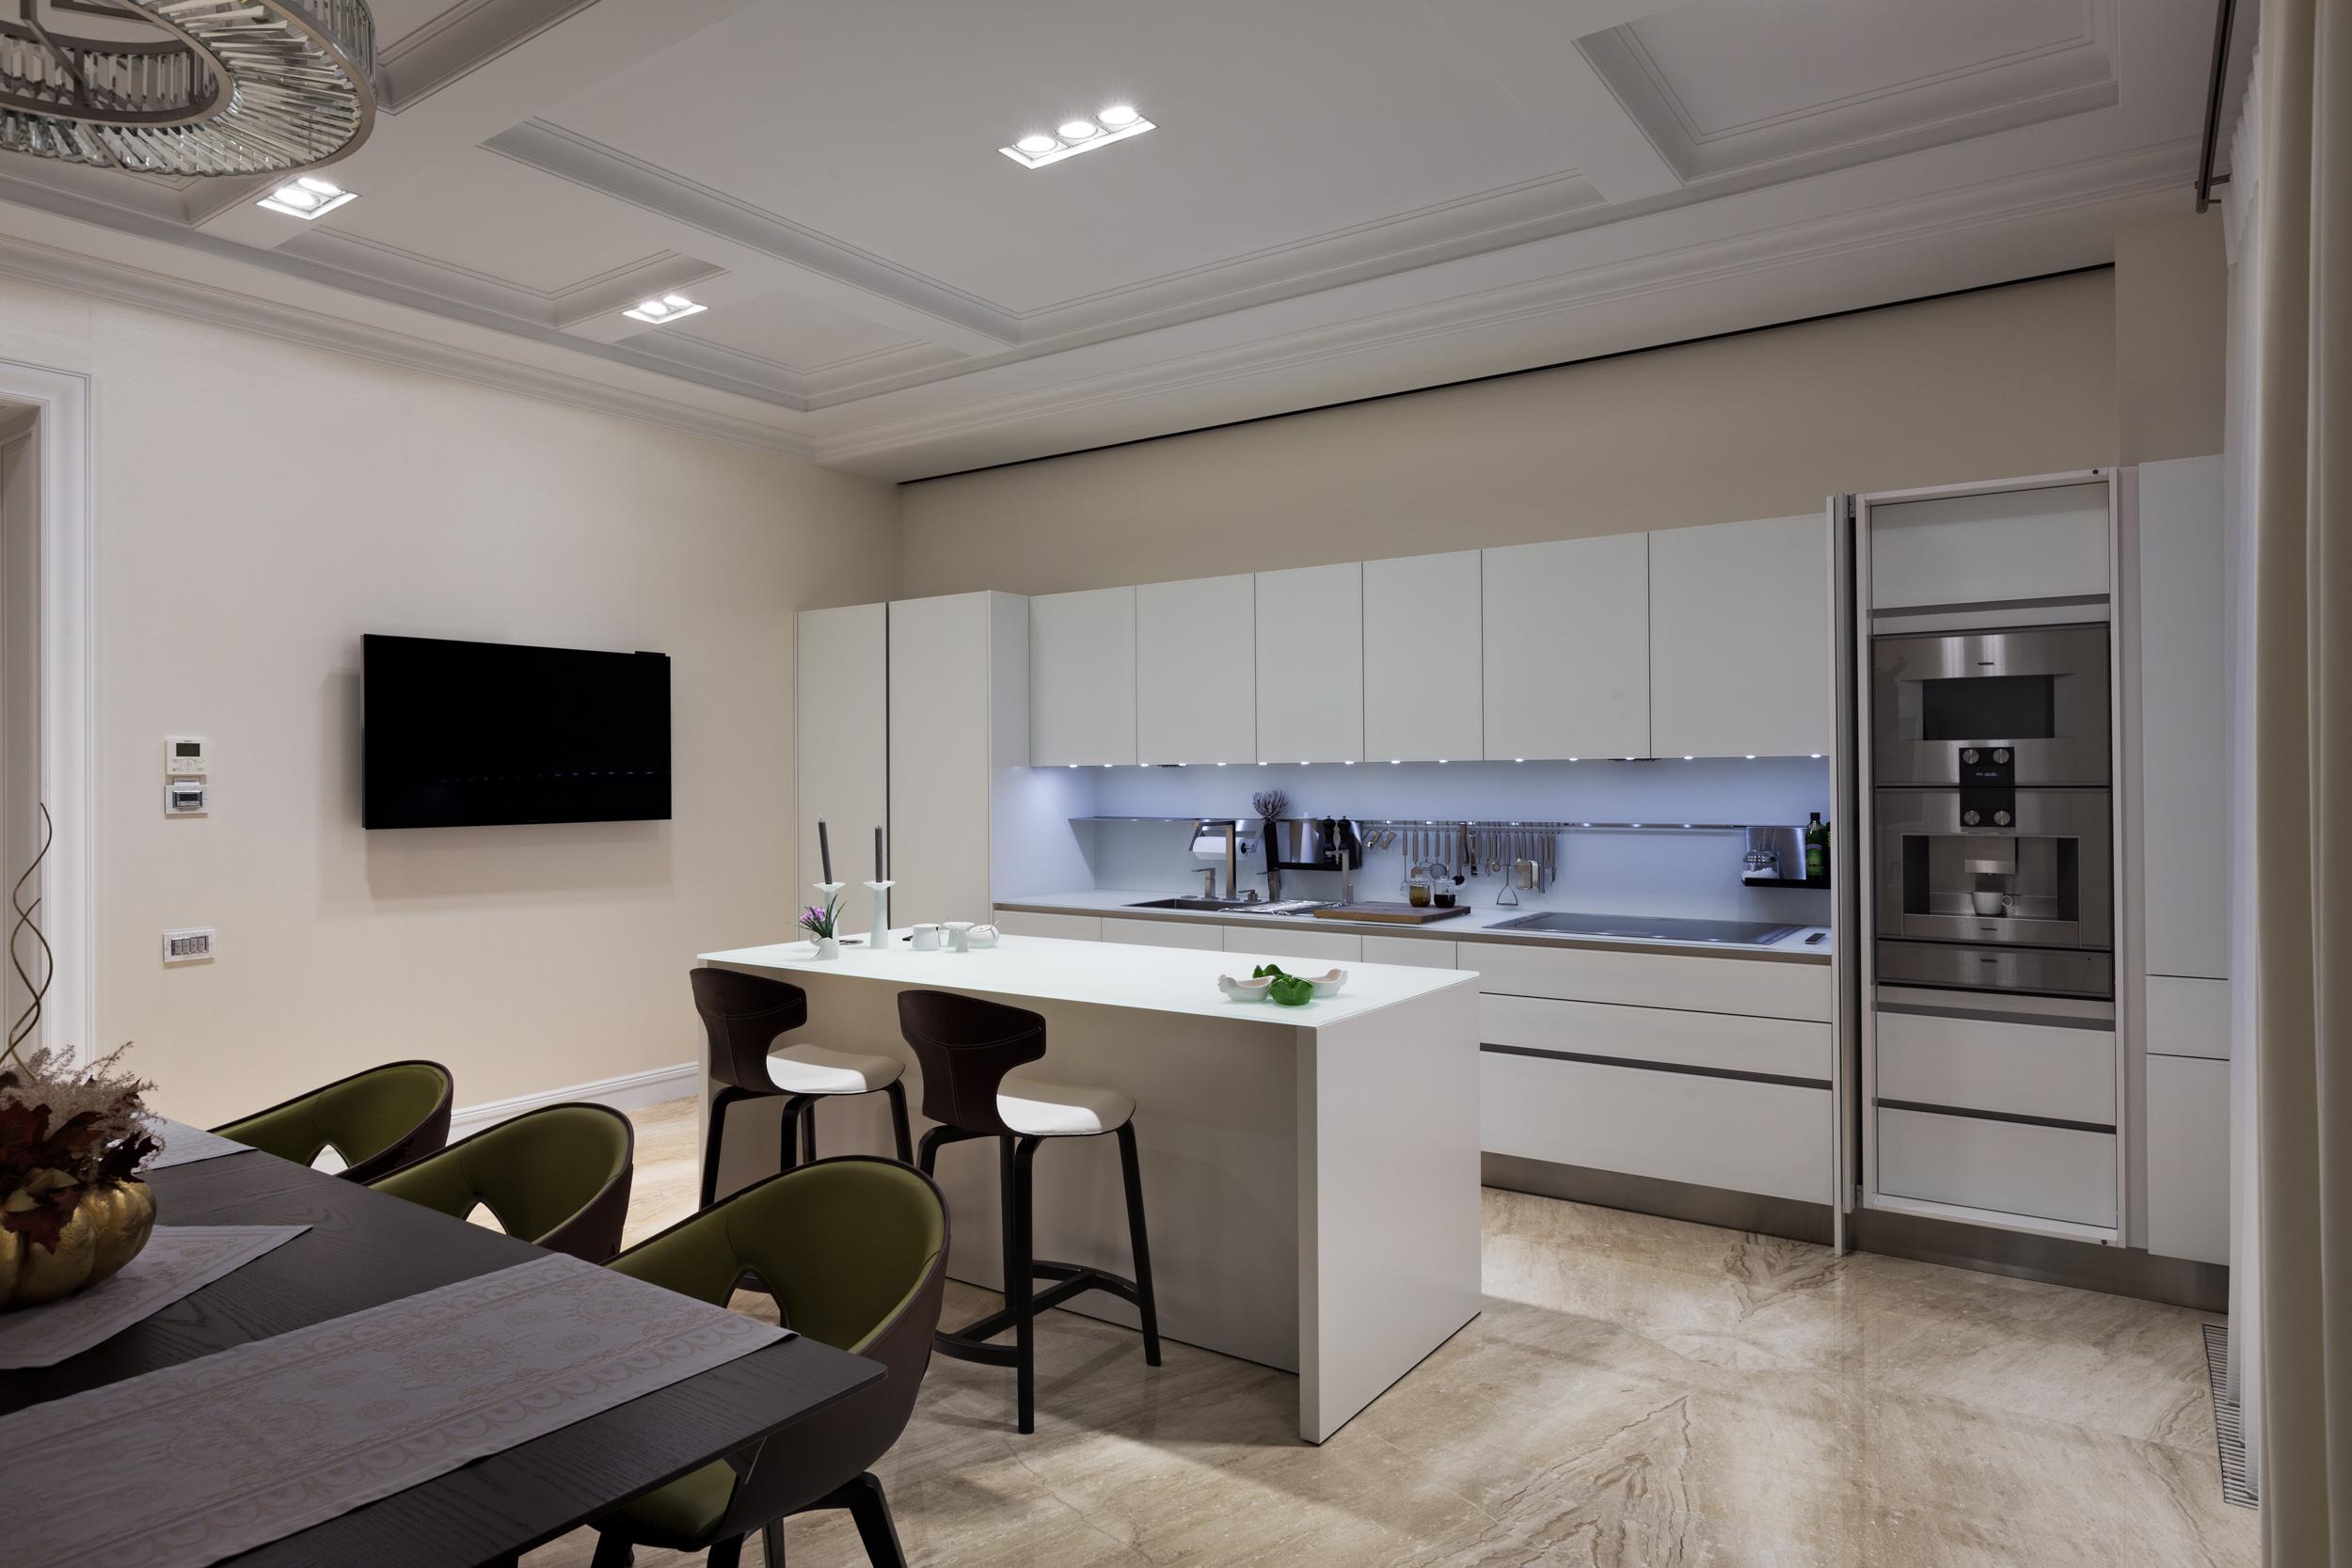 Bright kitchen design. Marble floor, stove hood built-in glass countertops that were designed individually. Светлый дизайн кухни. В интерьере использовался мраморный пол, кухонная вытяжка встроенная в тонкую стеклянную столешницу разработанную по индивидуальным чертежам.